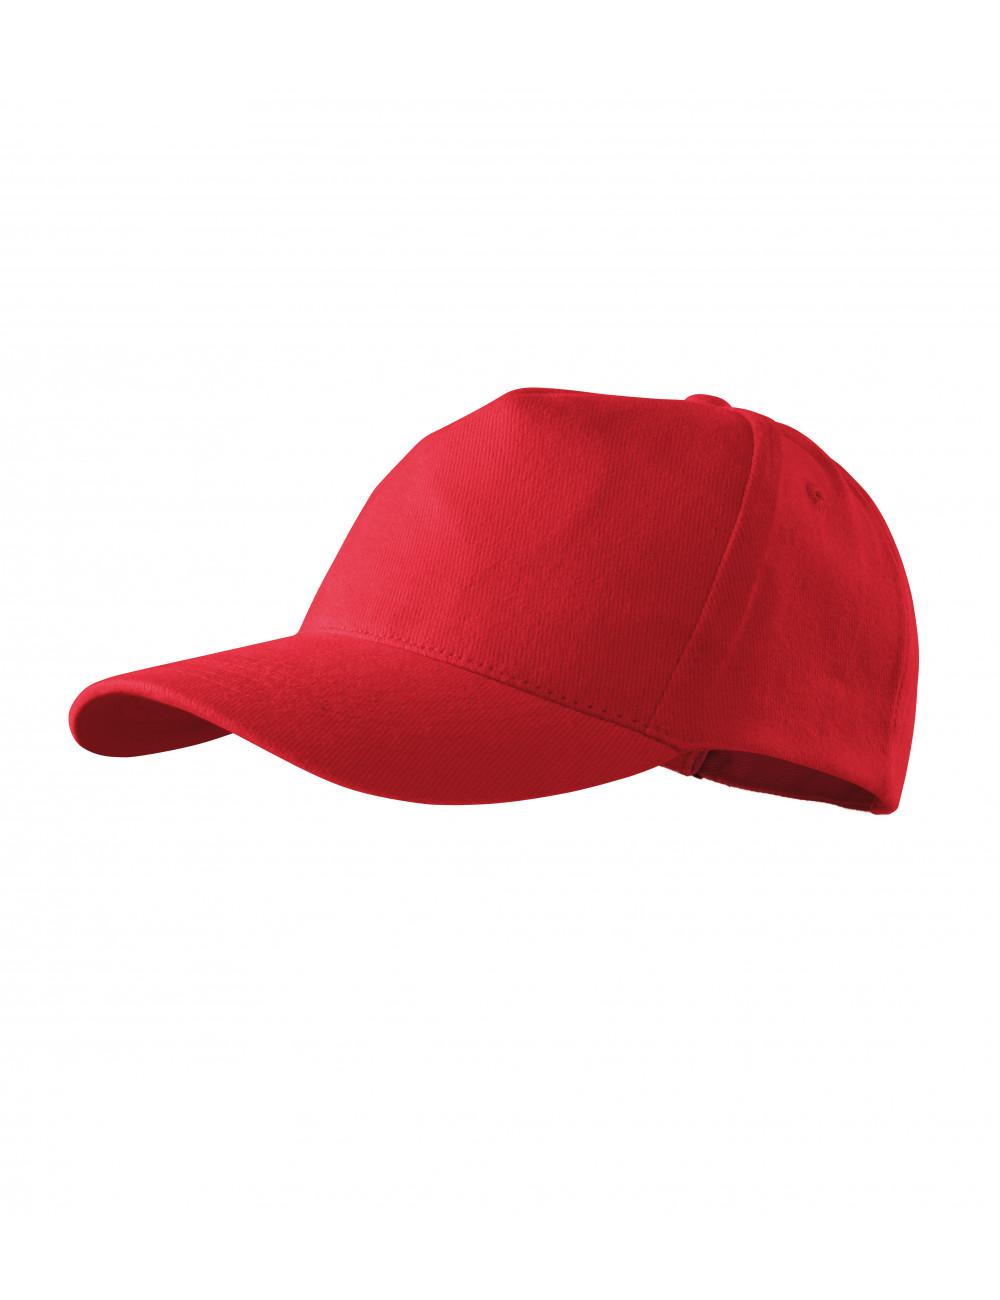 Adler MALFINI Czapka unisex 5P 307 czerwony